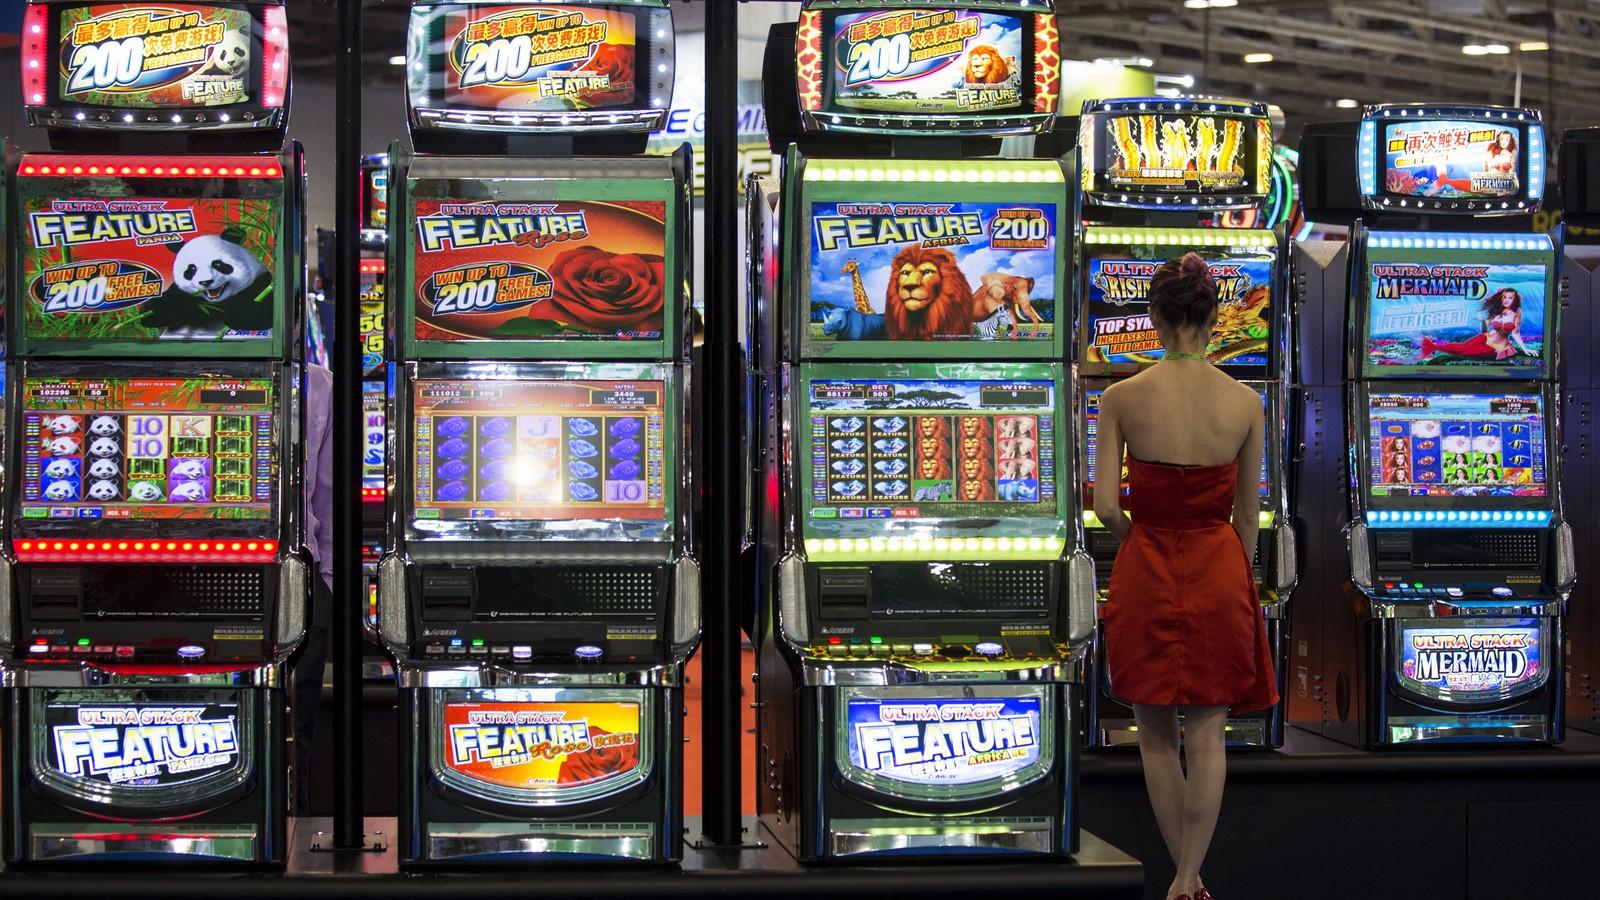 Gambling Online, Gambling in Casinos: What's More Addictive? - The Atlantic